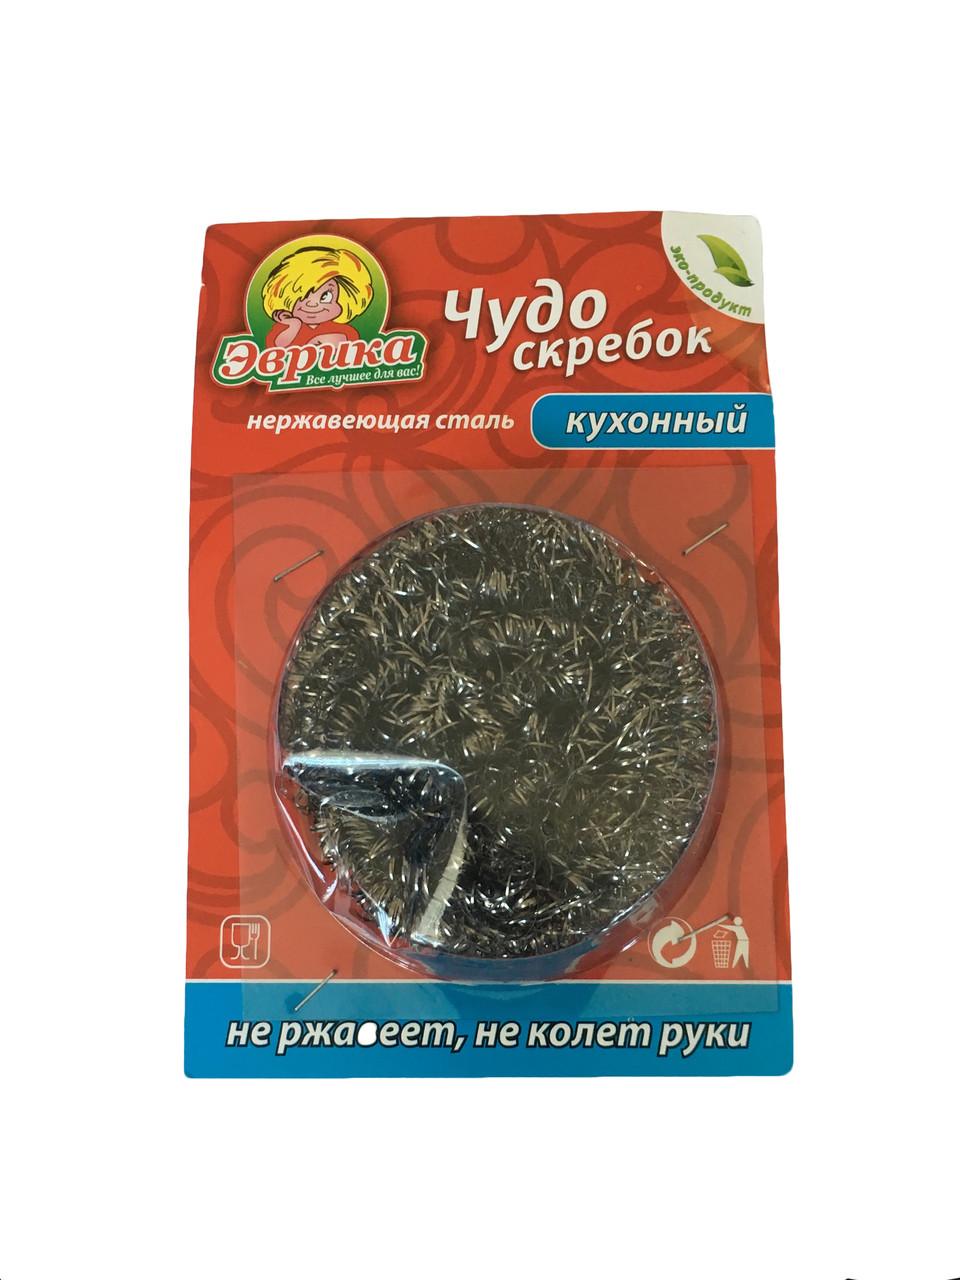 Металева губка, мочалка для чищення сковорідки, мочалка дротяна, диво скребок